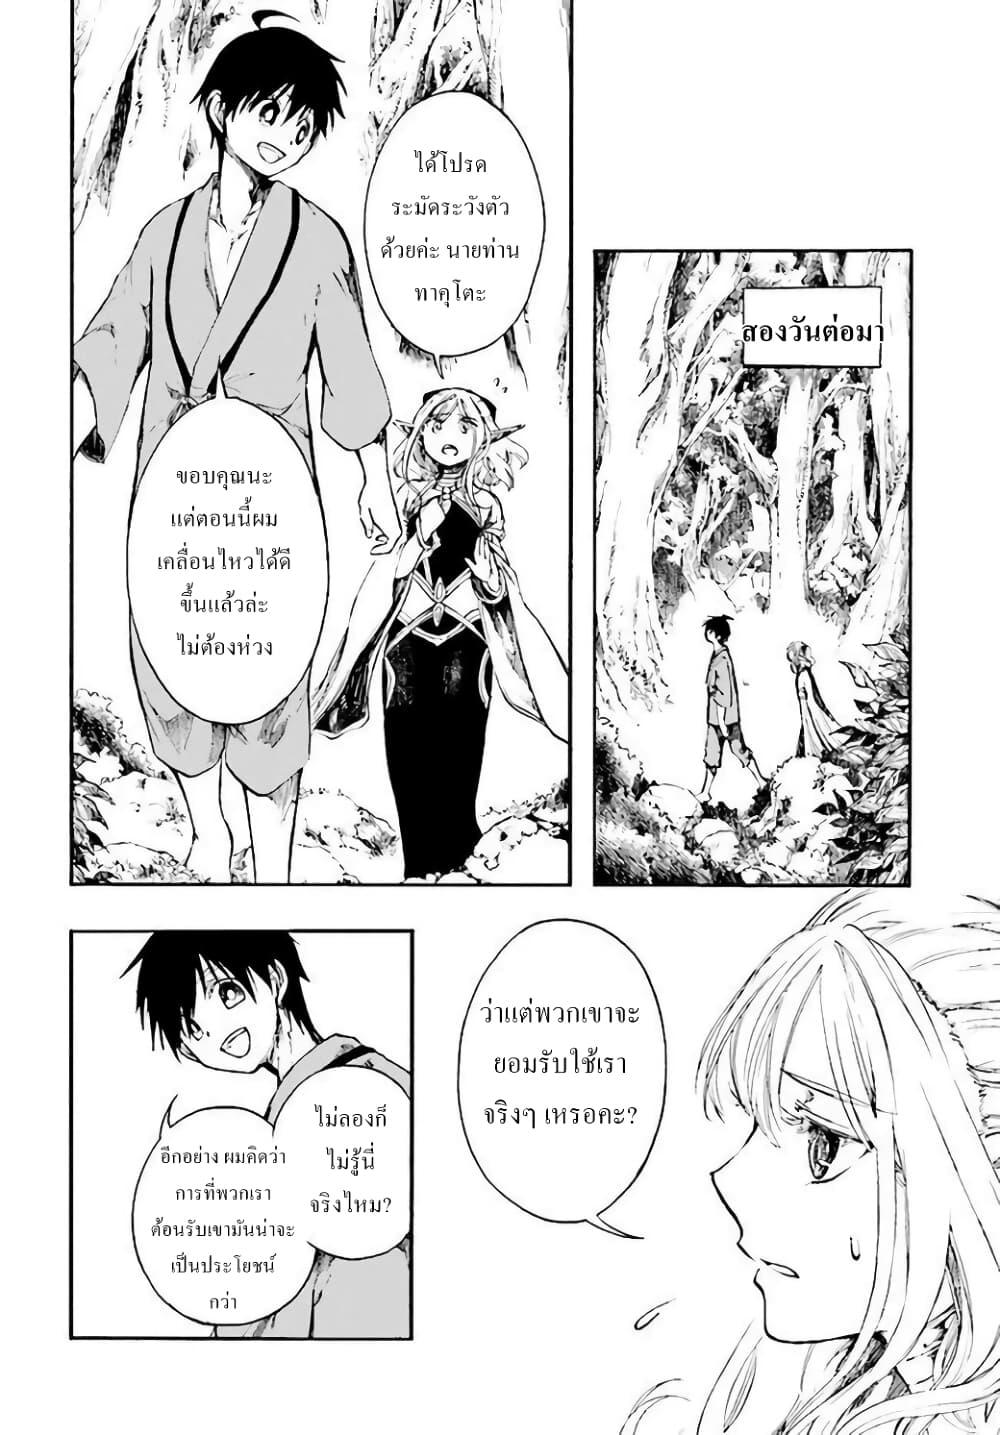 อ่านการ์ตูน Isekai Apocalypse MYNOGHRA ~The Conquest of the World Starts With the Civilization of Ruin~ ตอนที่ 3 หน้าที่ 28